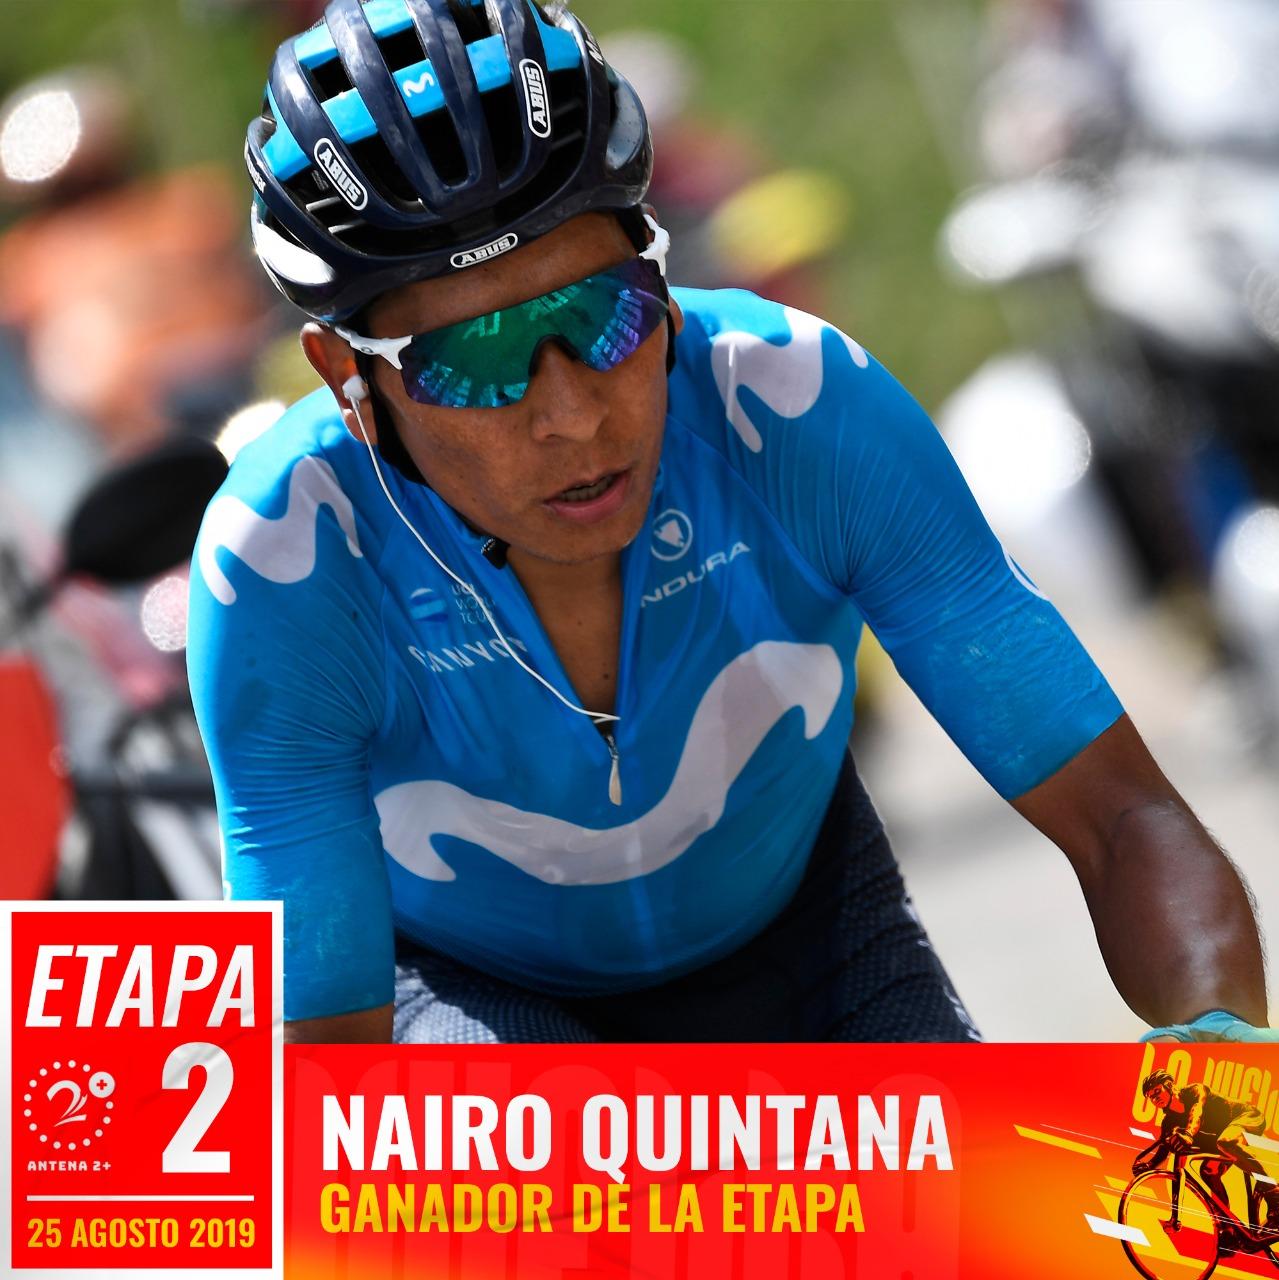 NAIRO QUINTANA - VUELTA A ESPAÑA